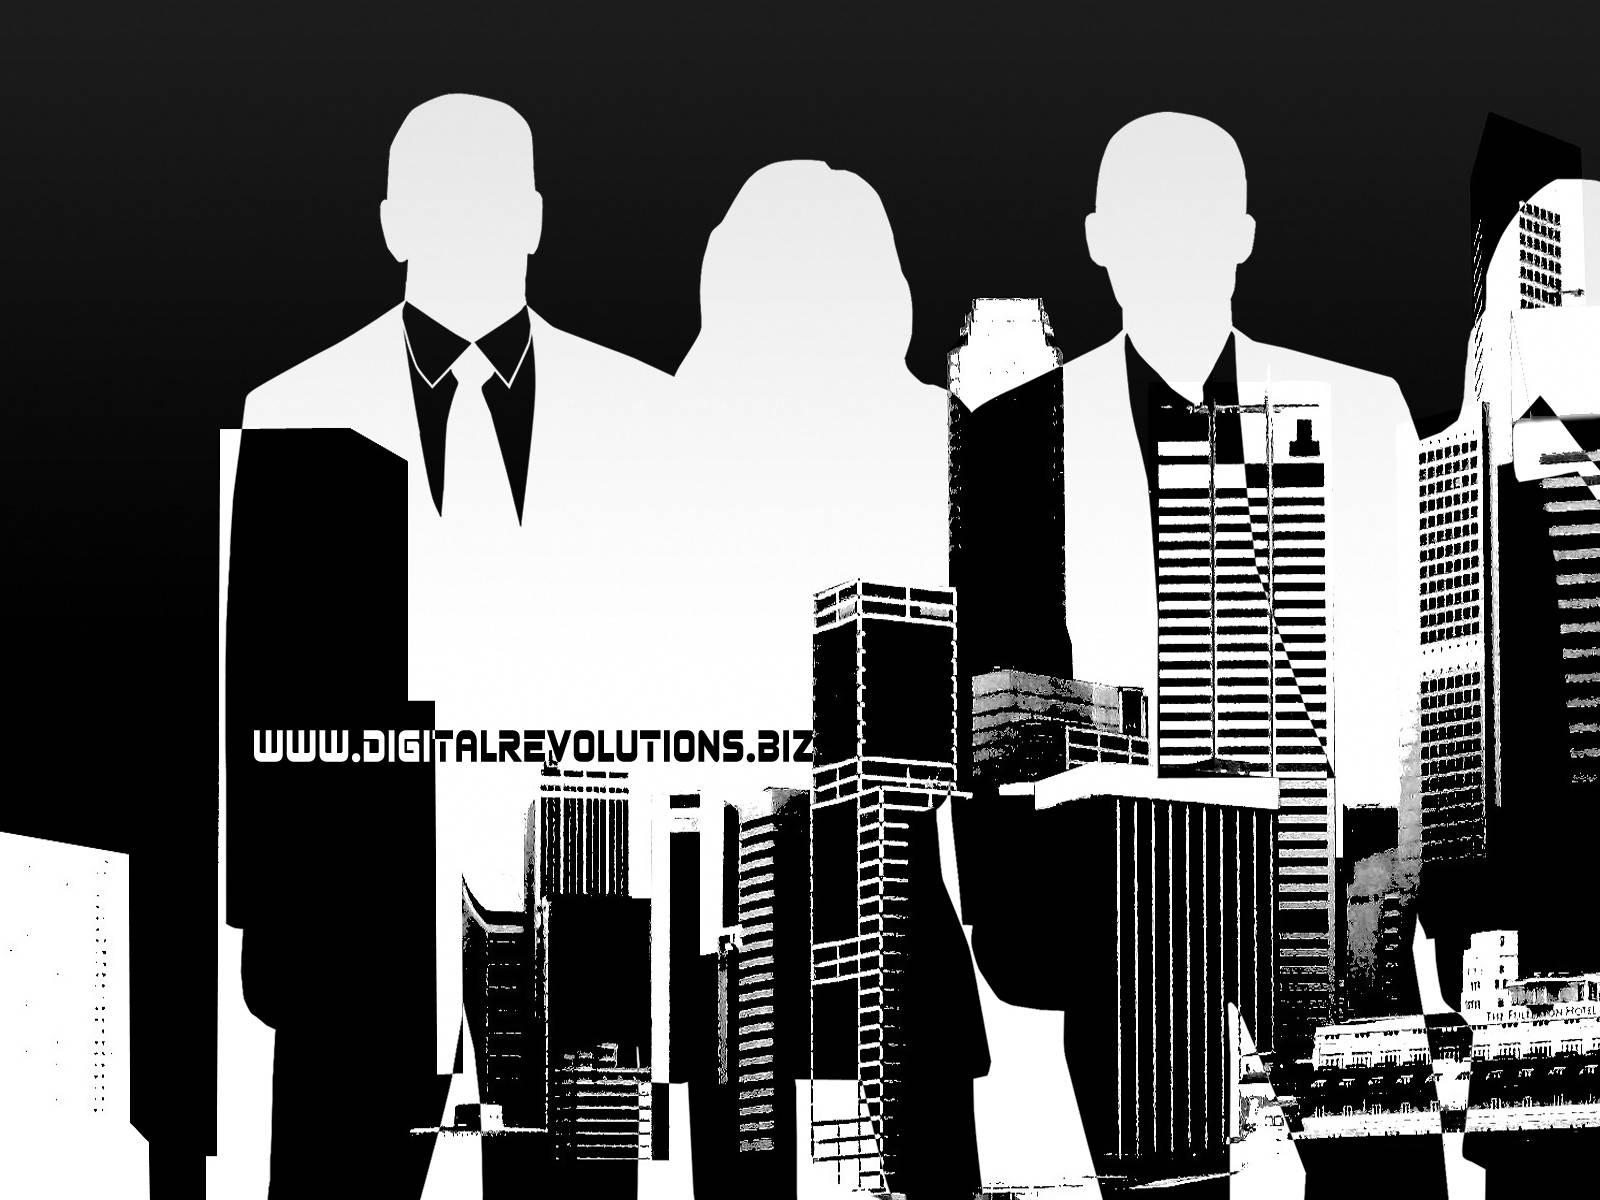 [47+] Corporate Desktop Wallpaper on WallpaperSafari